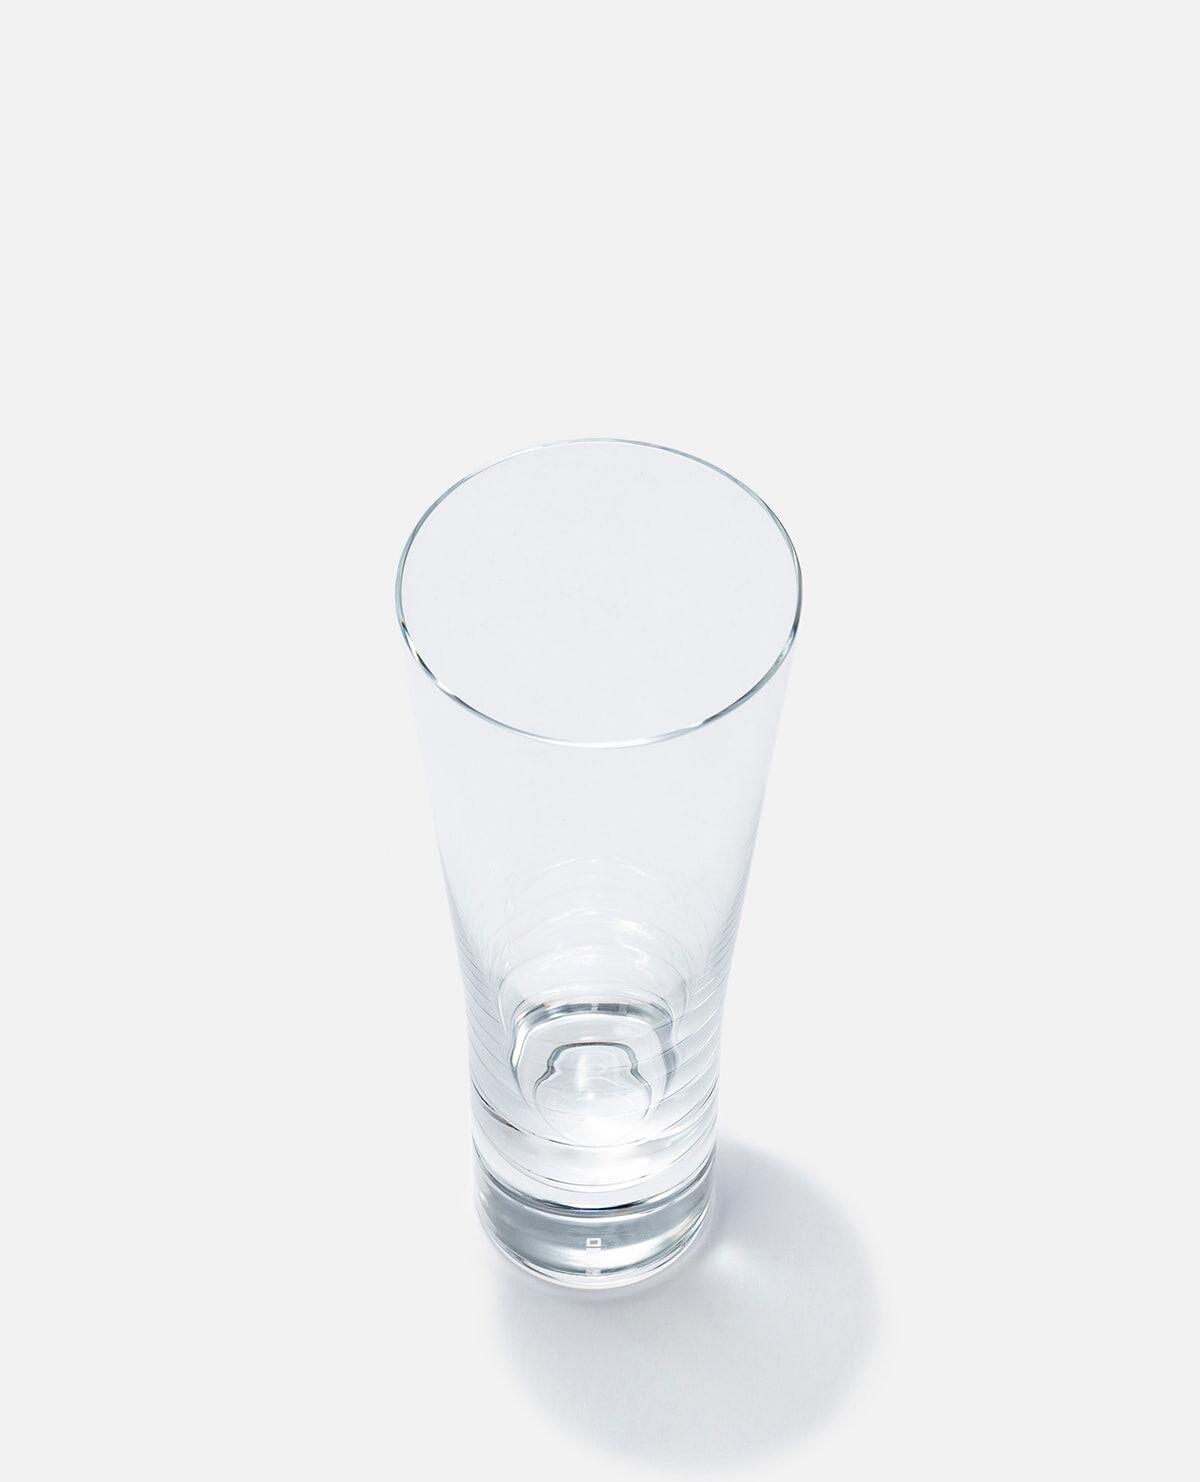 生涯を添い遂げるグラス ビア トランスペアレント